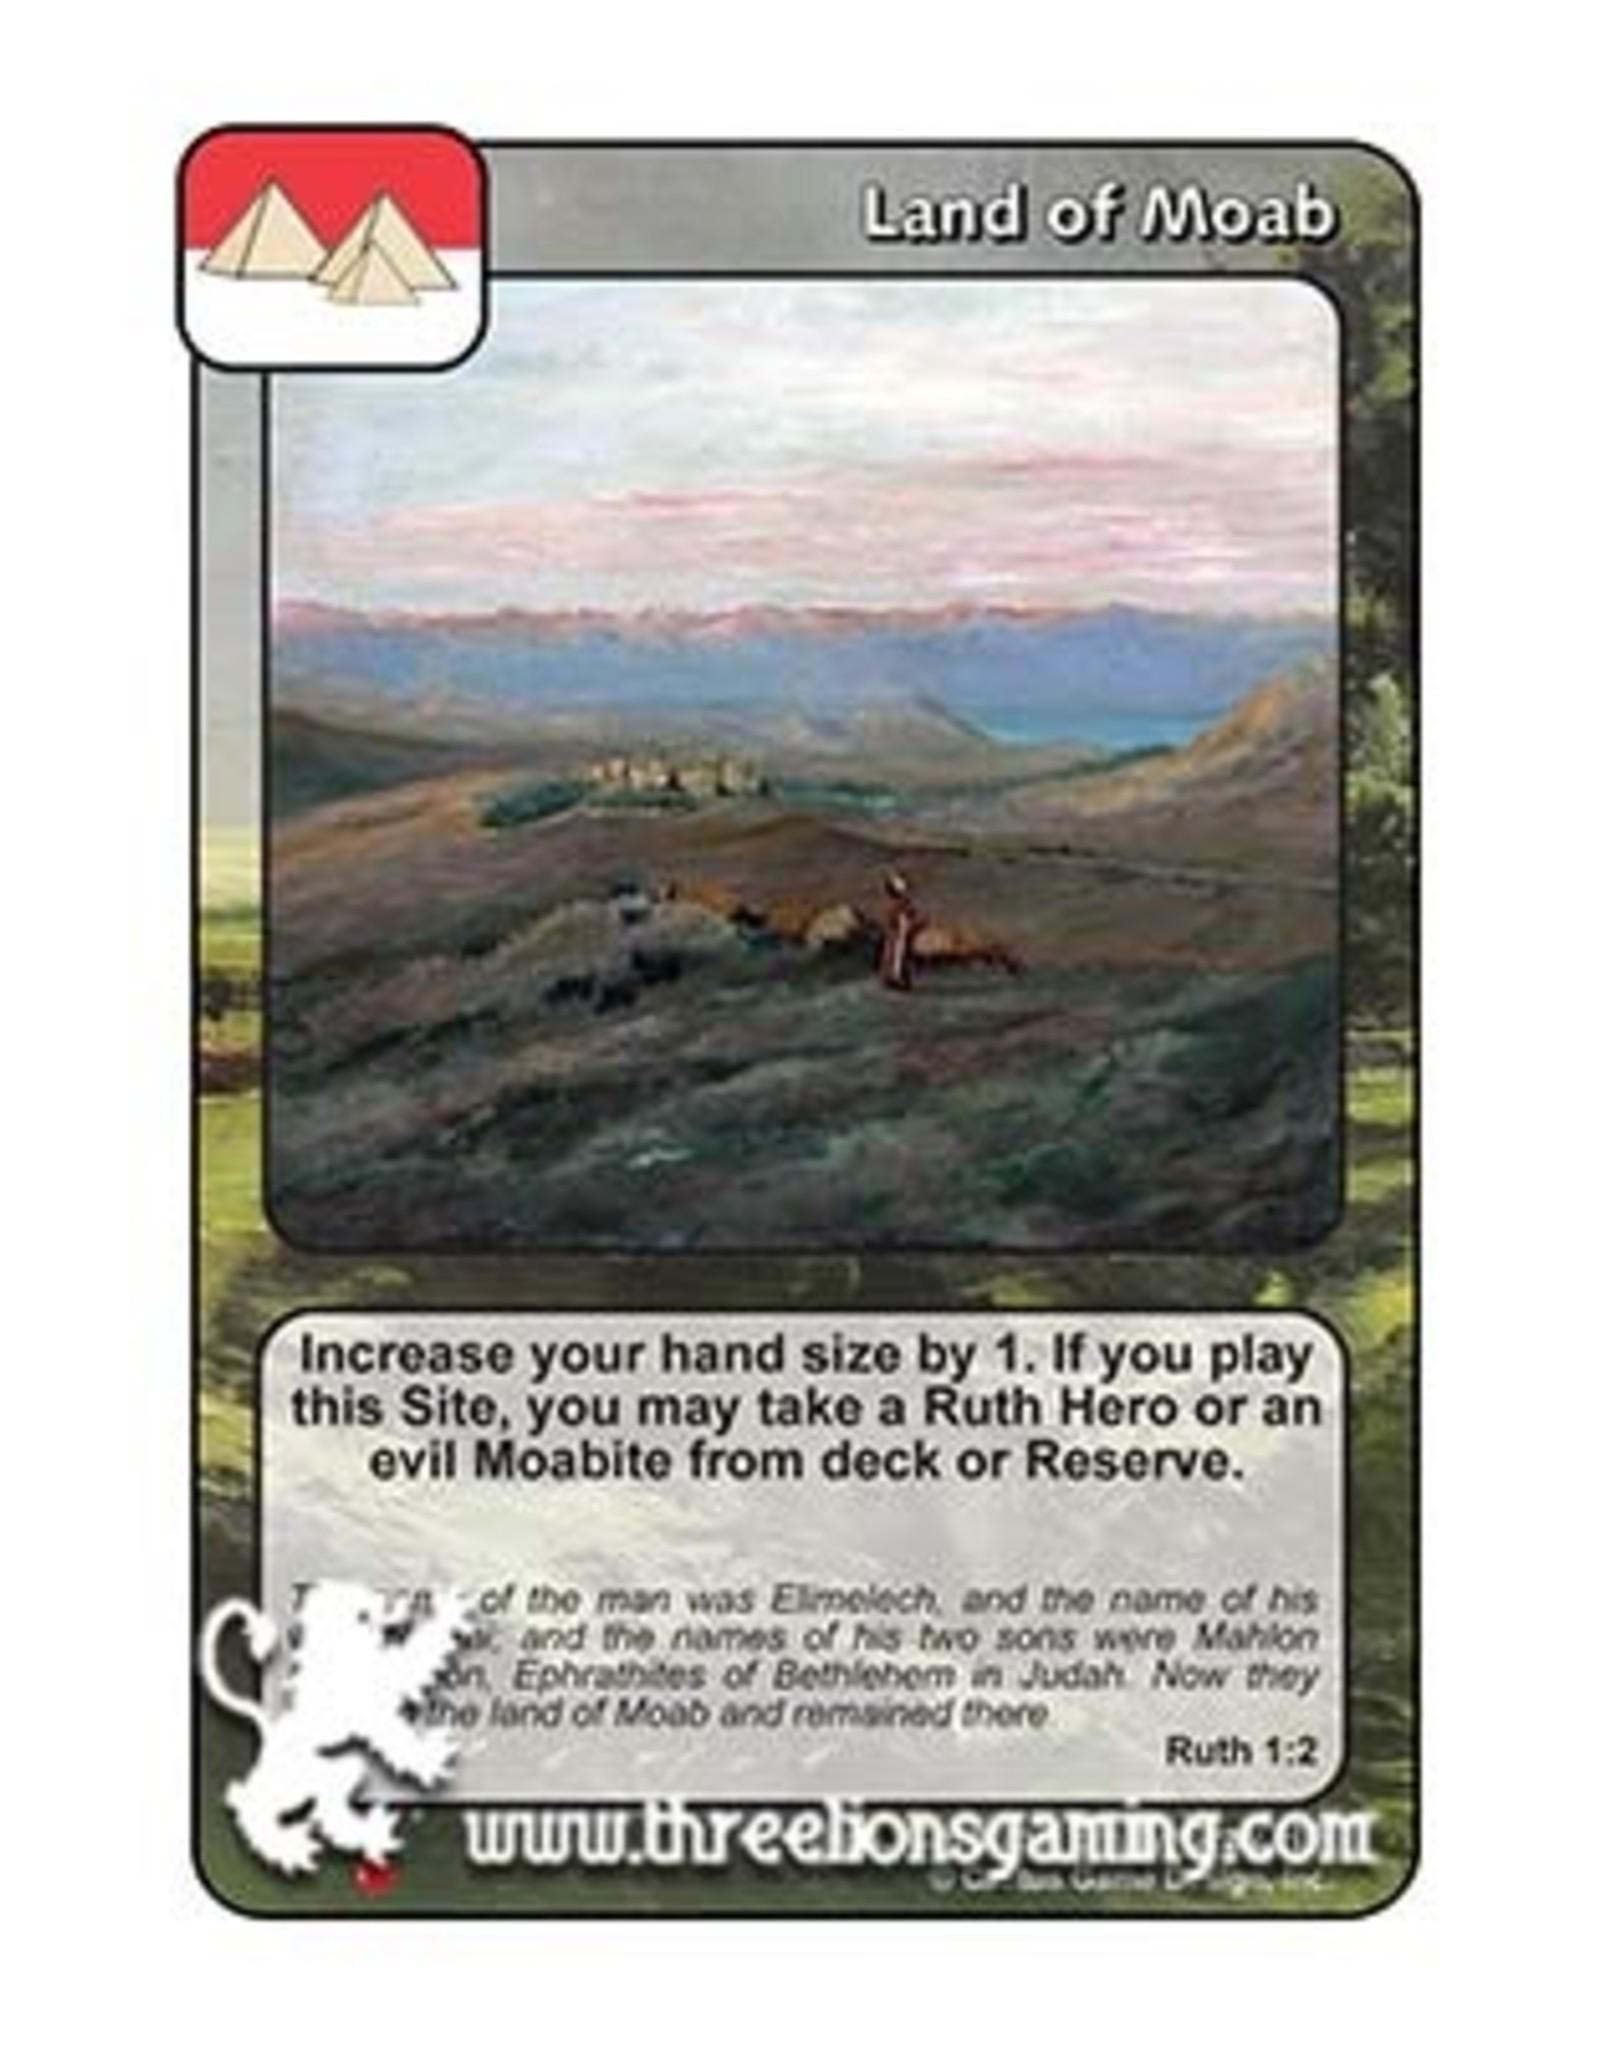 LoC: Land of Moab